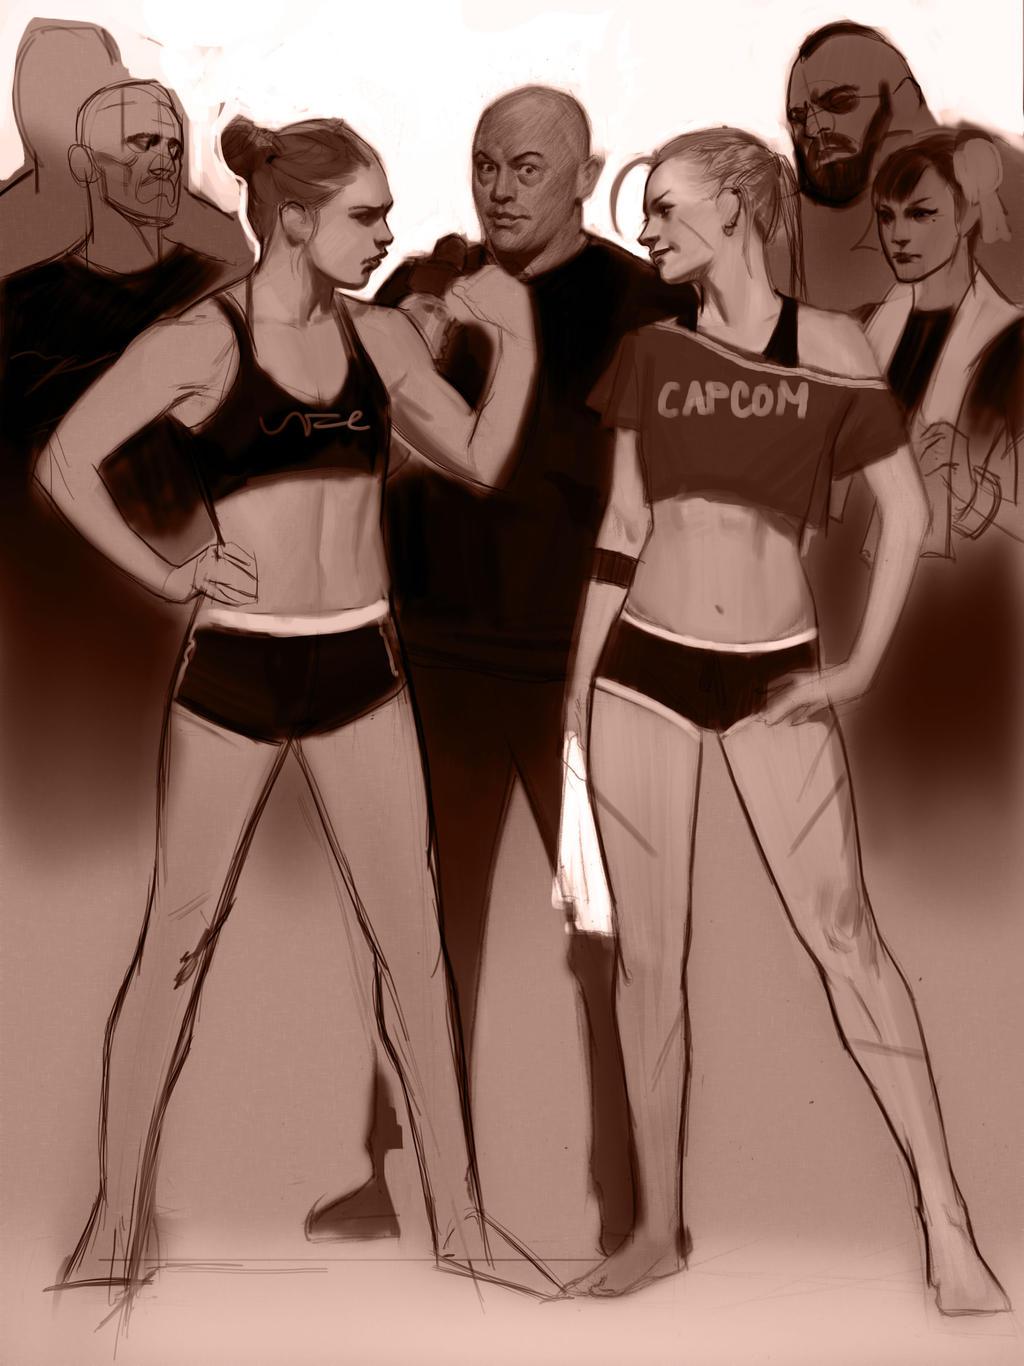 Cammy V Ronda Wip 1 by FUNKYMONKEY1945